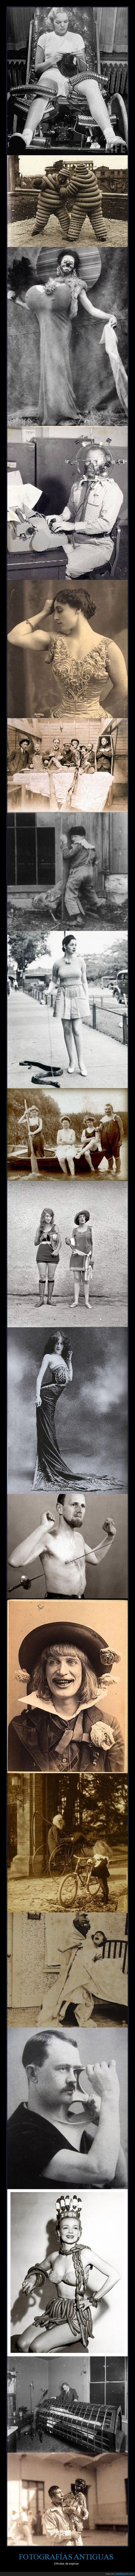 antiguas,fotografías,retro,wtf